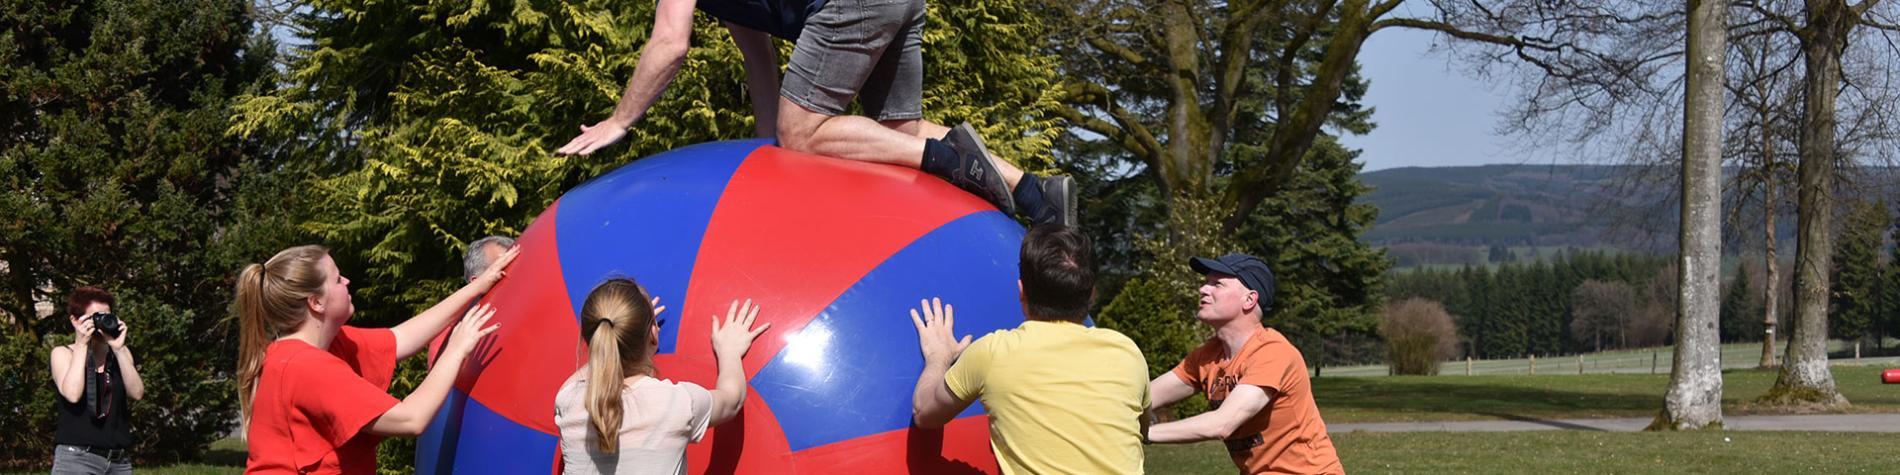 Avenature - activités nature - Vielsalm - Ardenne - Fun-games